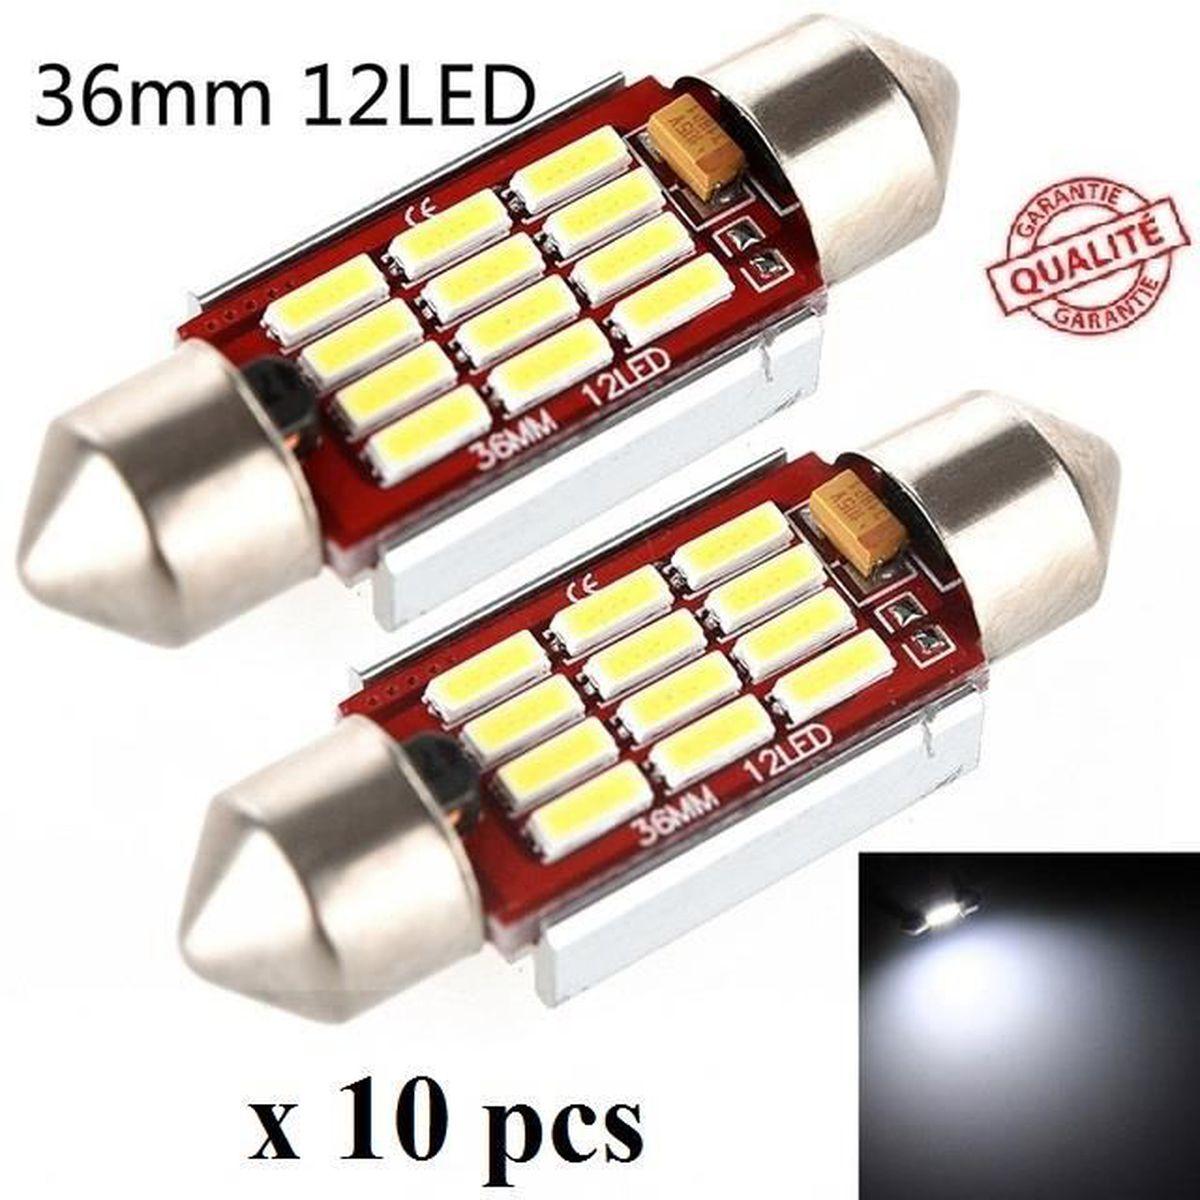 AMPOULE TABLEAU BORD 10 ampoule Navette LED C5W 36mm ANTI ERREUR CANBUS